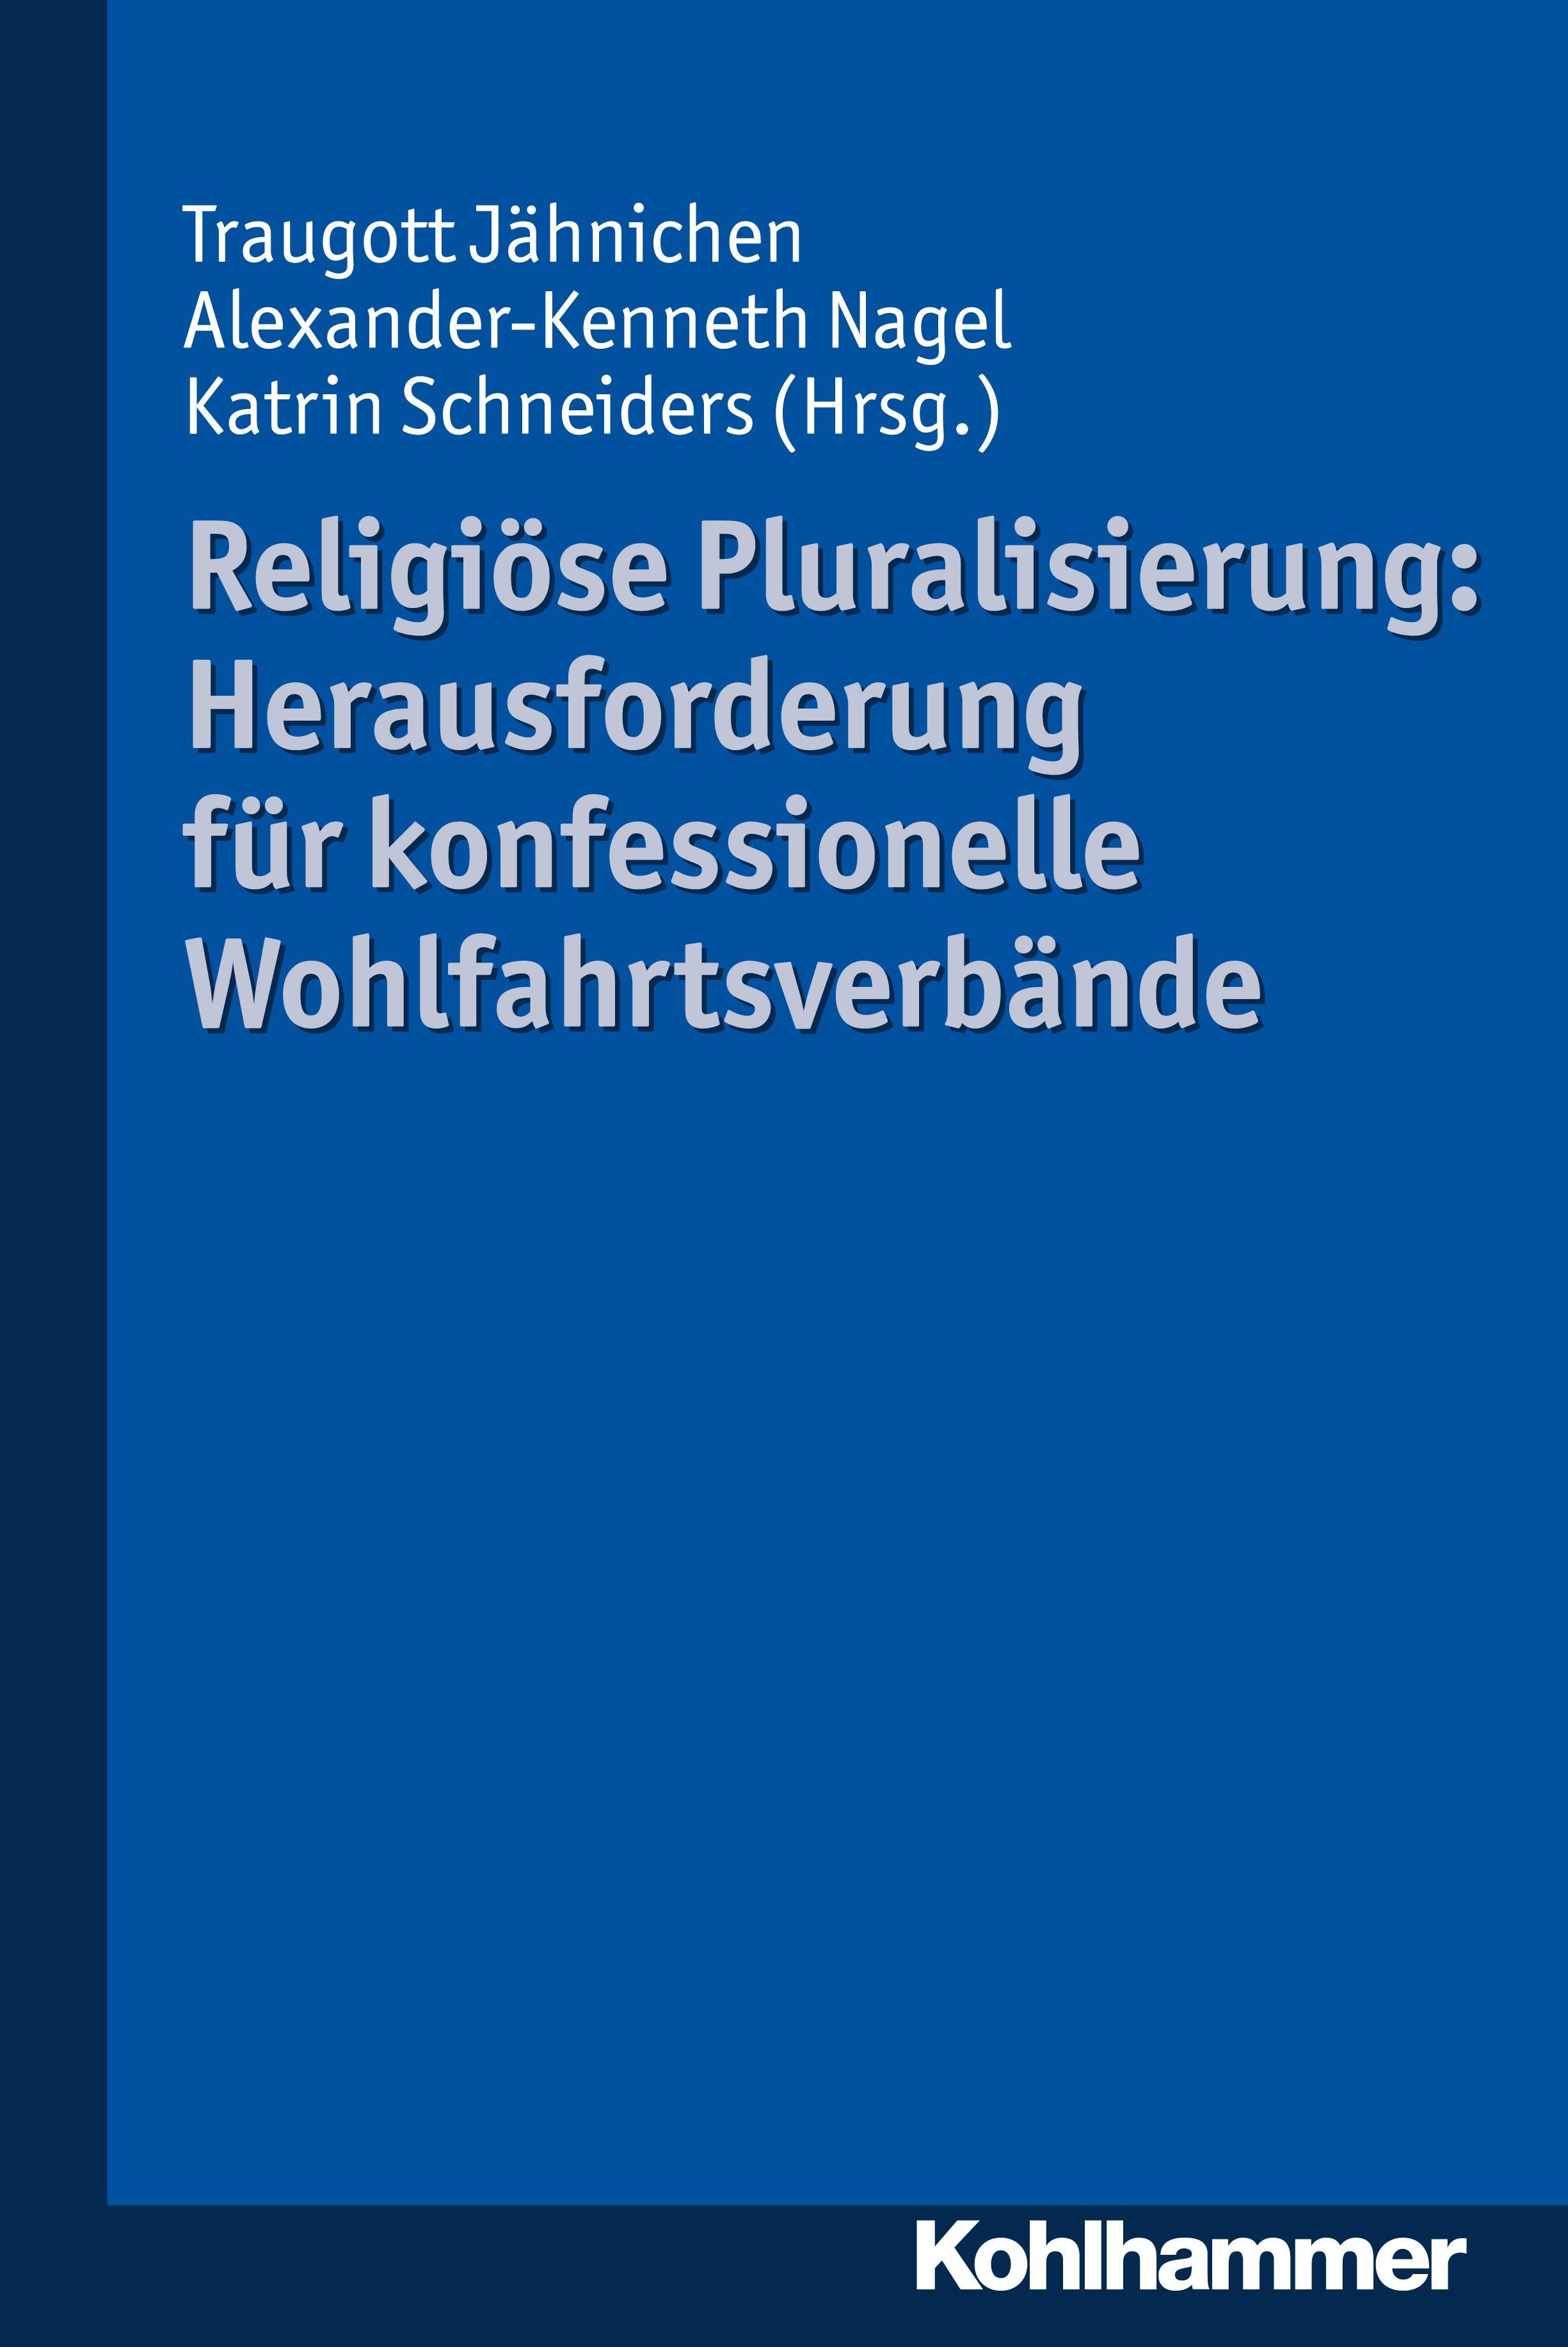 Religiöse Pluralisierung: Herausforderung für konfessionelle W... 9783170303140